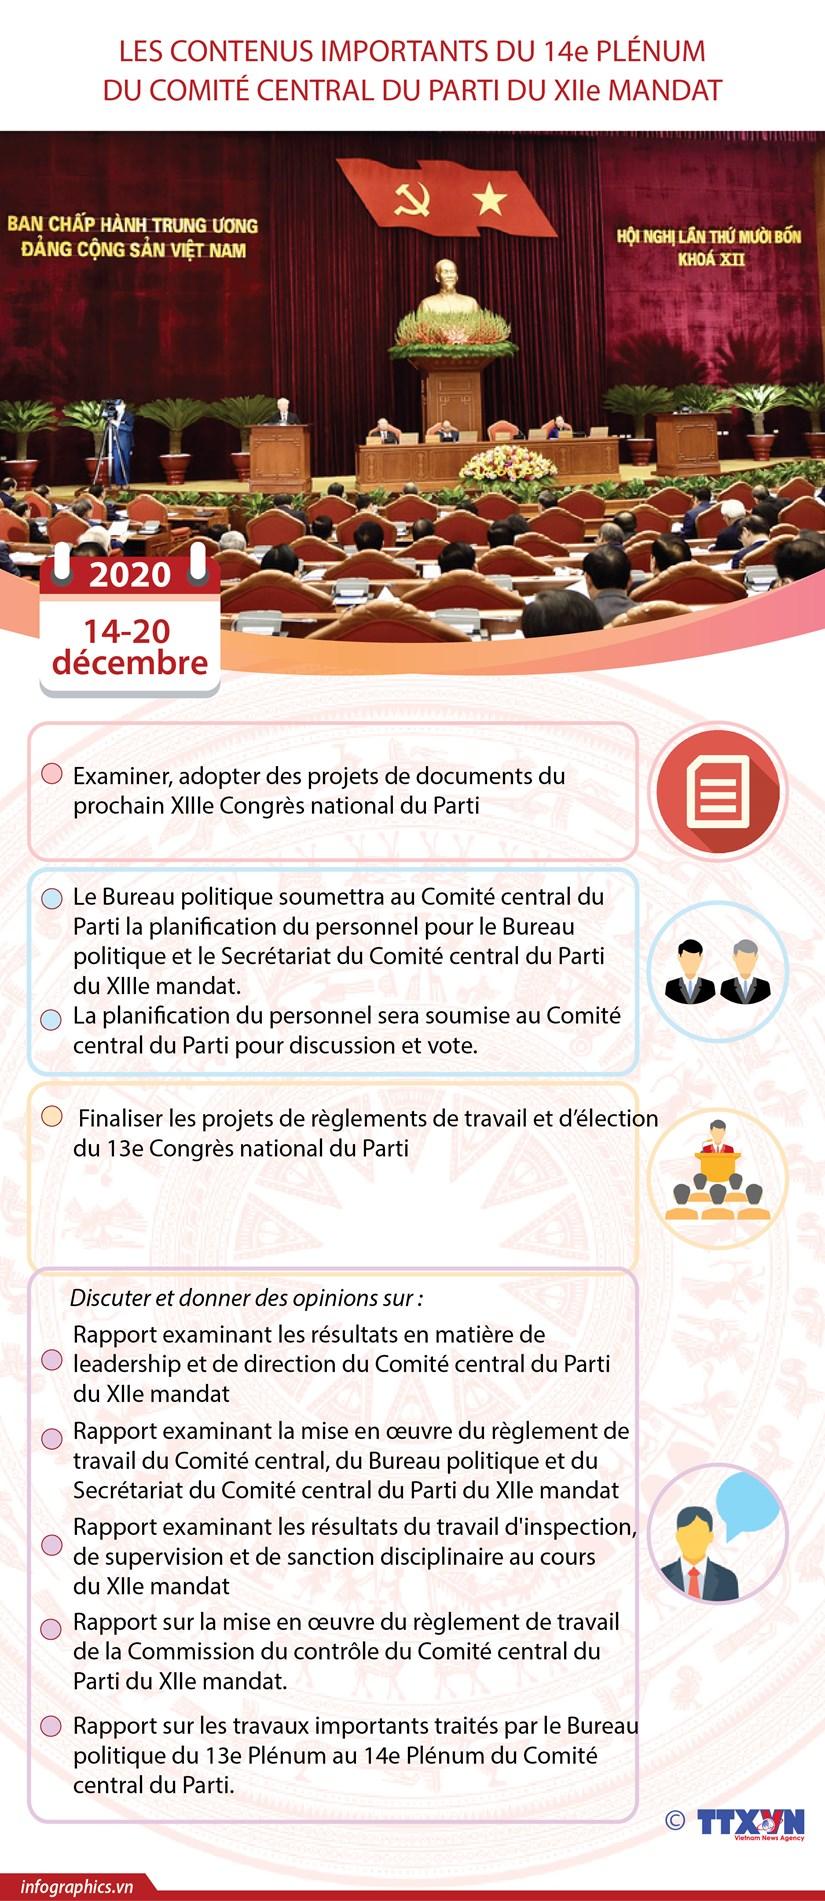 Les contenus importants du 14e Plenum du Comite central du Parti du XIIe mandat hinh anh 1